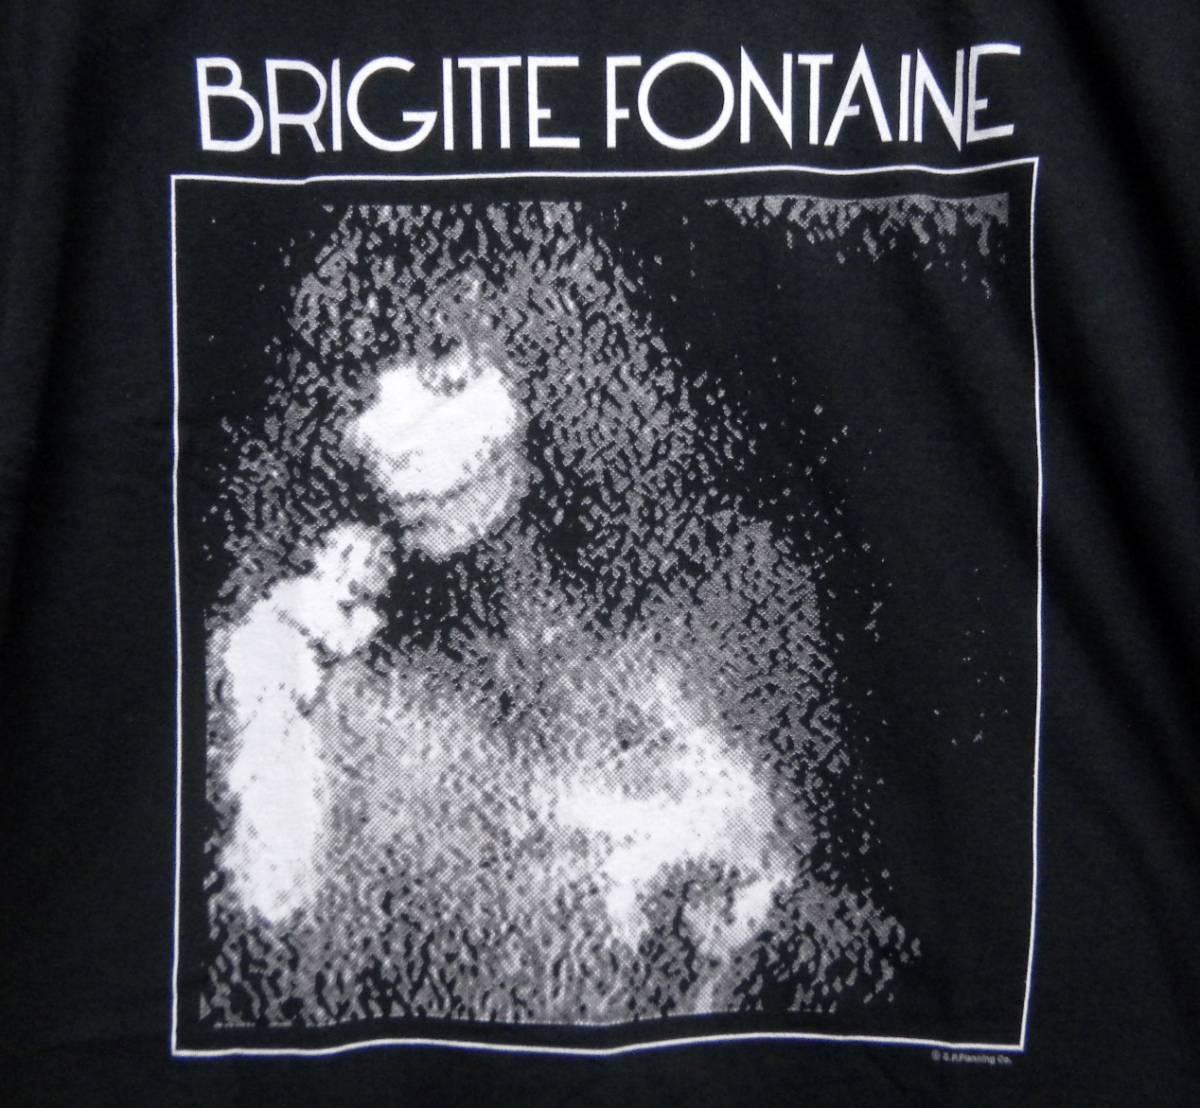 Brigitte Fontaine Tシャツ ブリジット フォンテーヌfaustセルジュneu!ゲンズブール ジェーンetnaバーキンmagmaジョンcdコルトレーンdvd